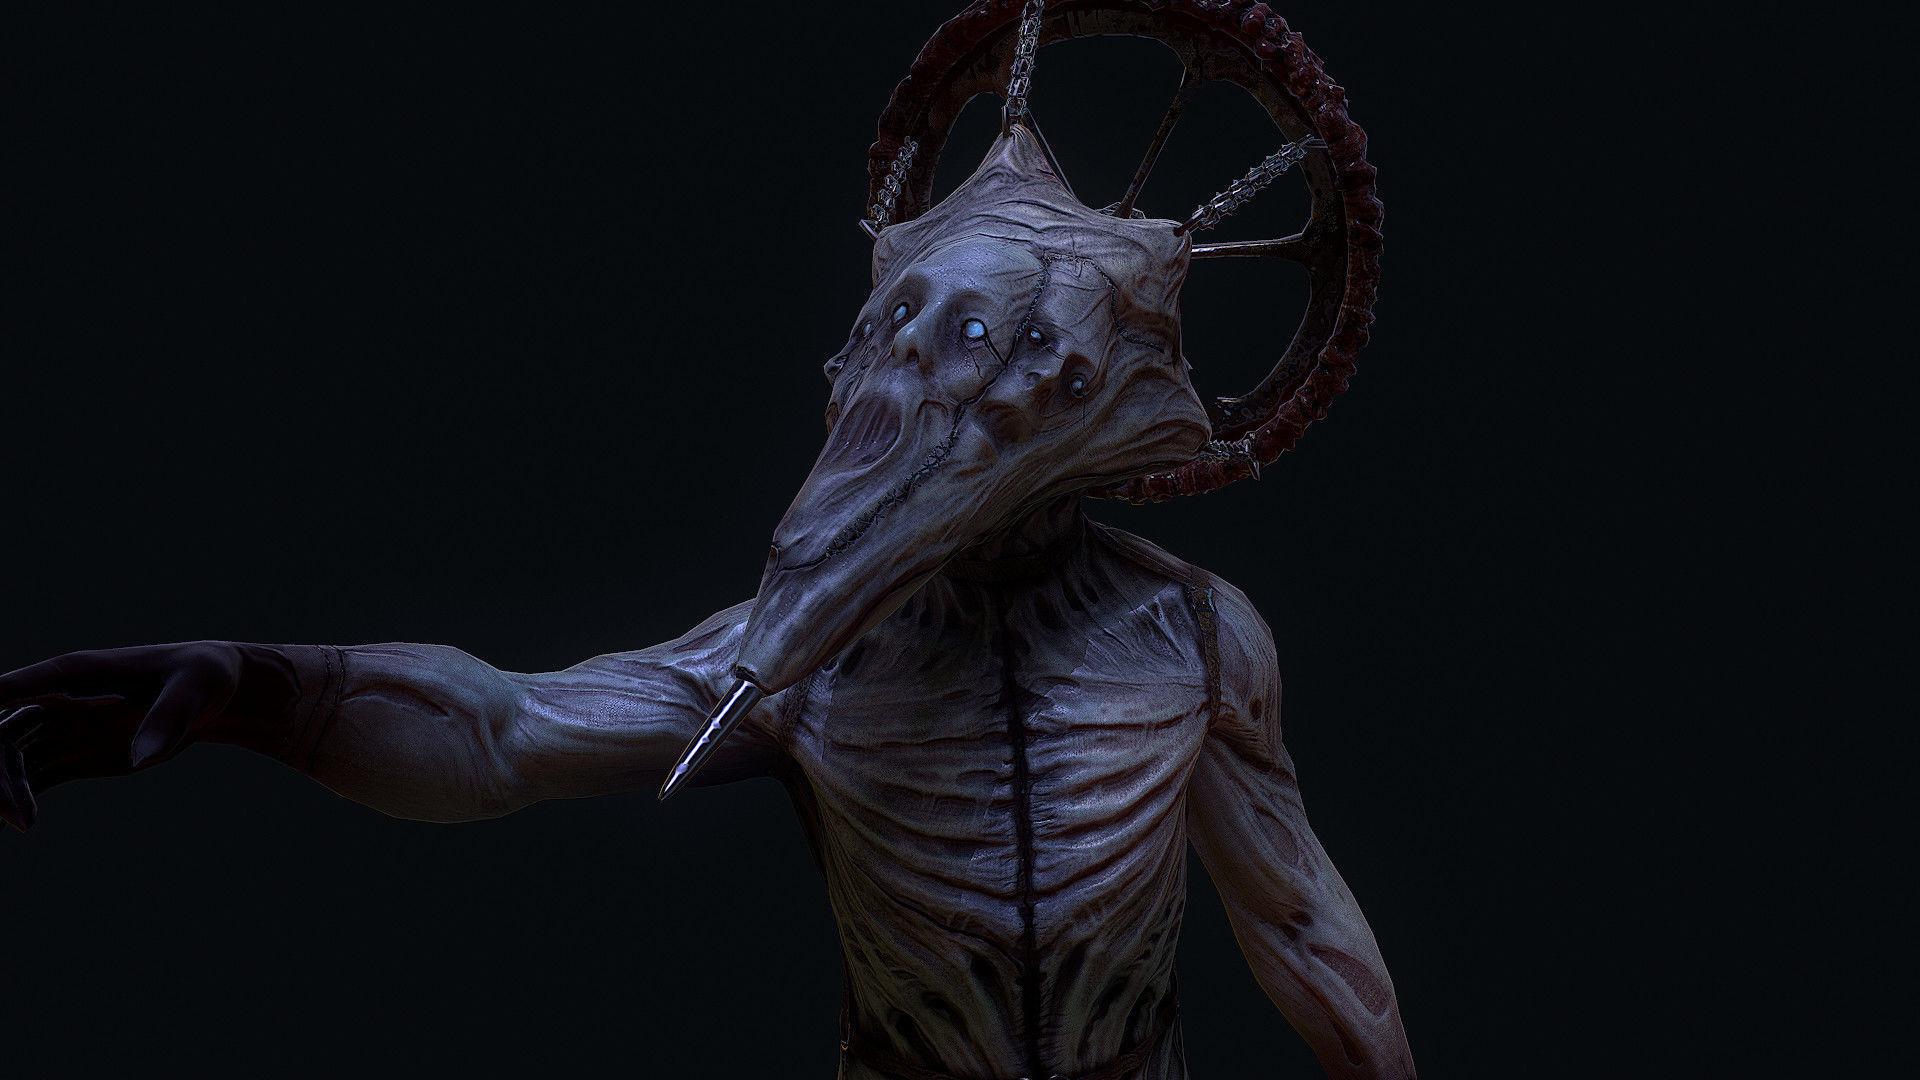 Conehead creepy horror enemy